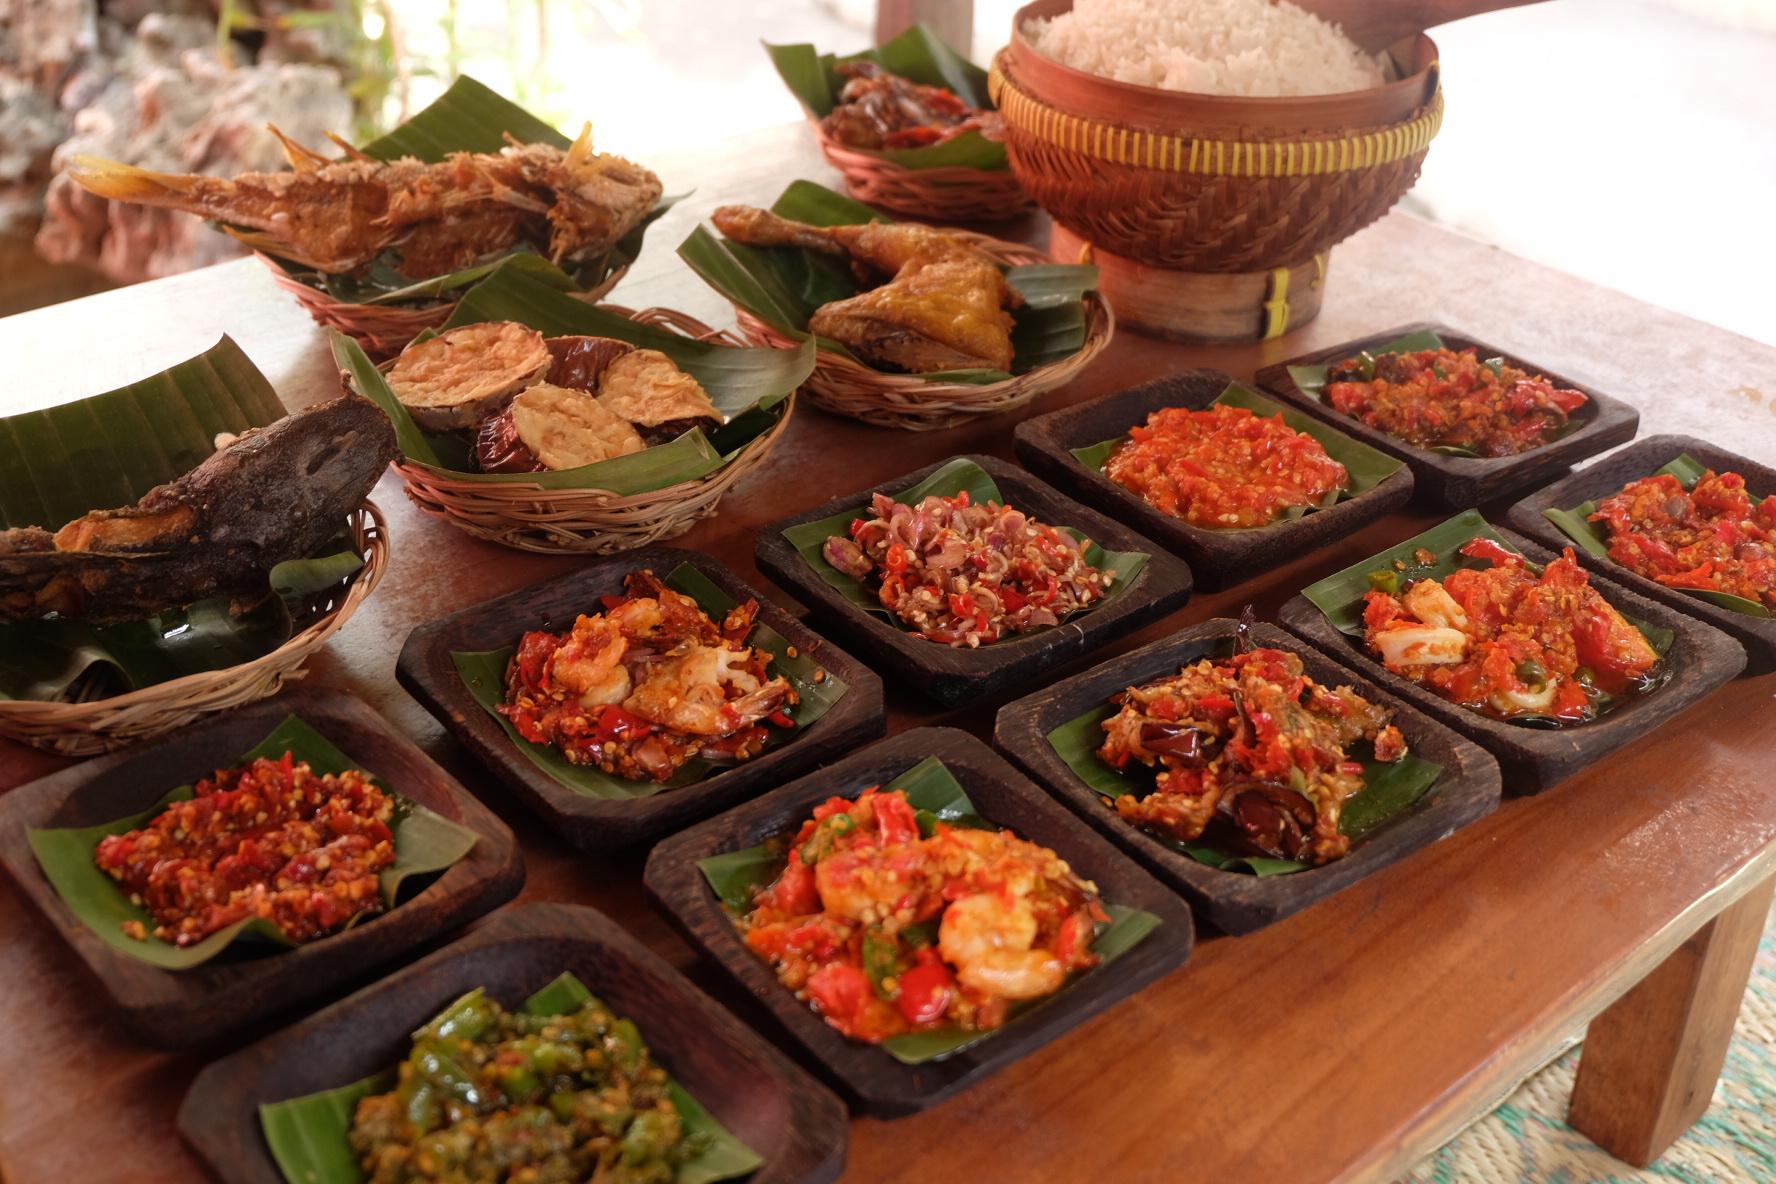 Referensi dan Rekomendasi Tempat Wisata di Indonesia: Tempat Makan di Kuta Bali (Warung Nikmat)